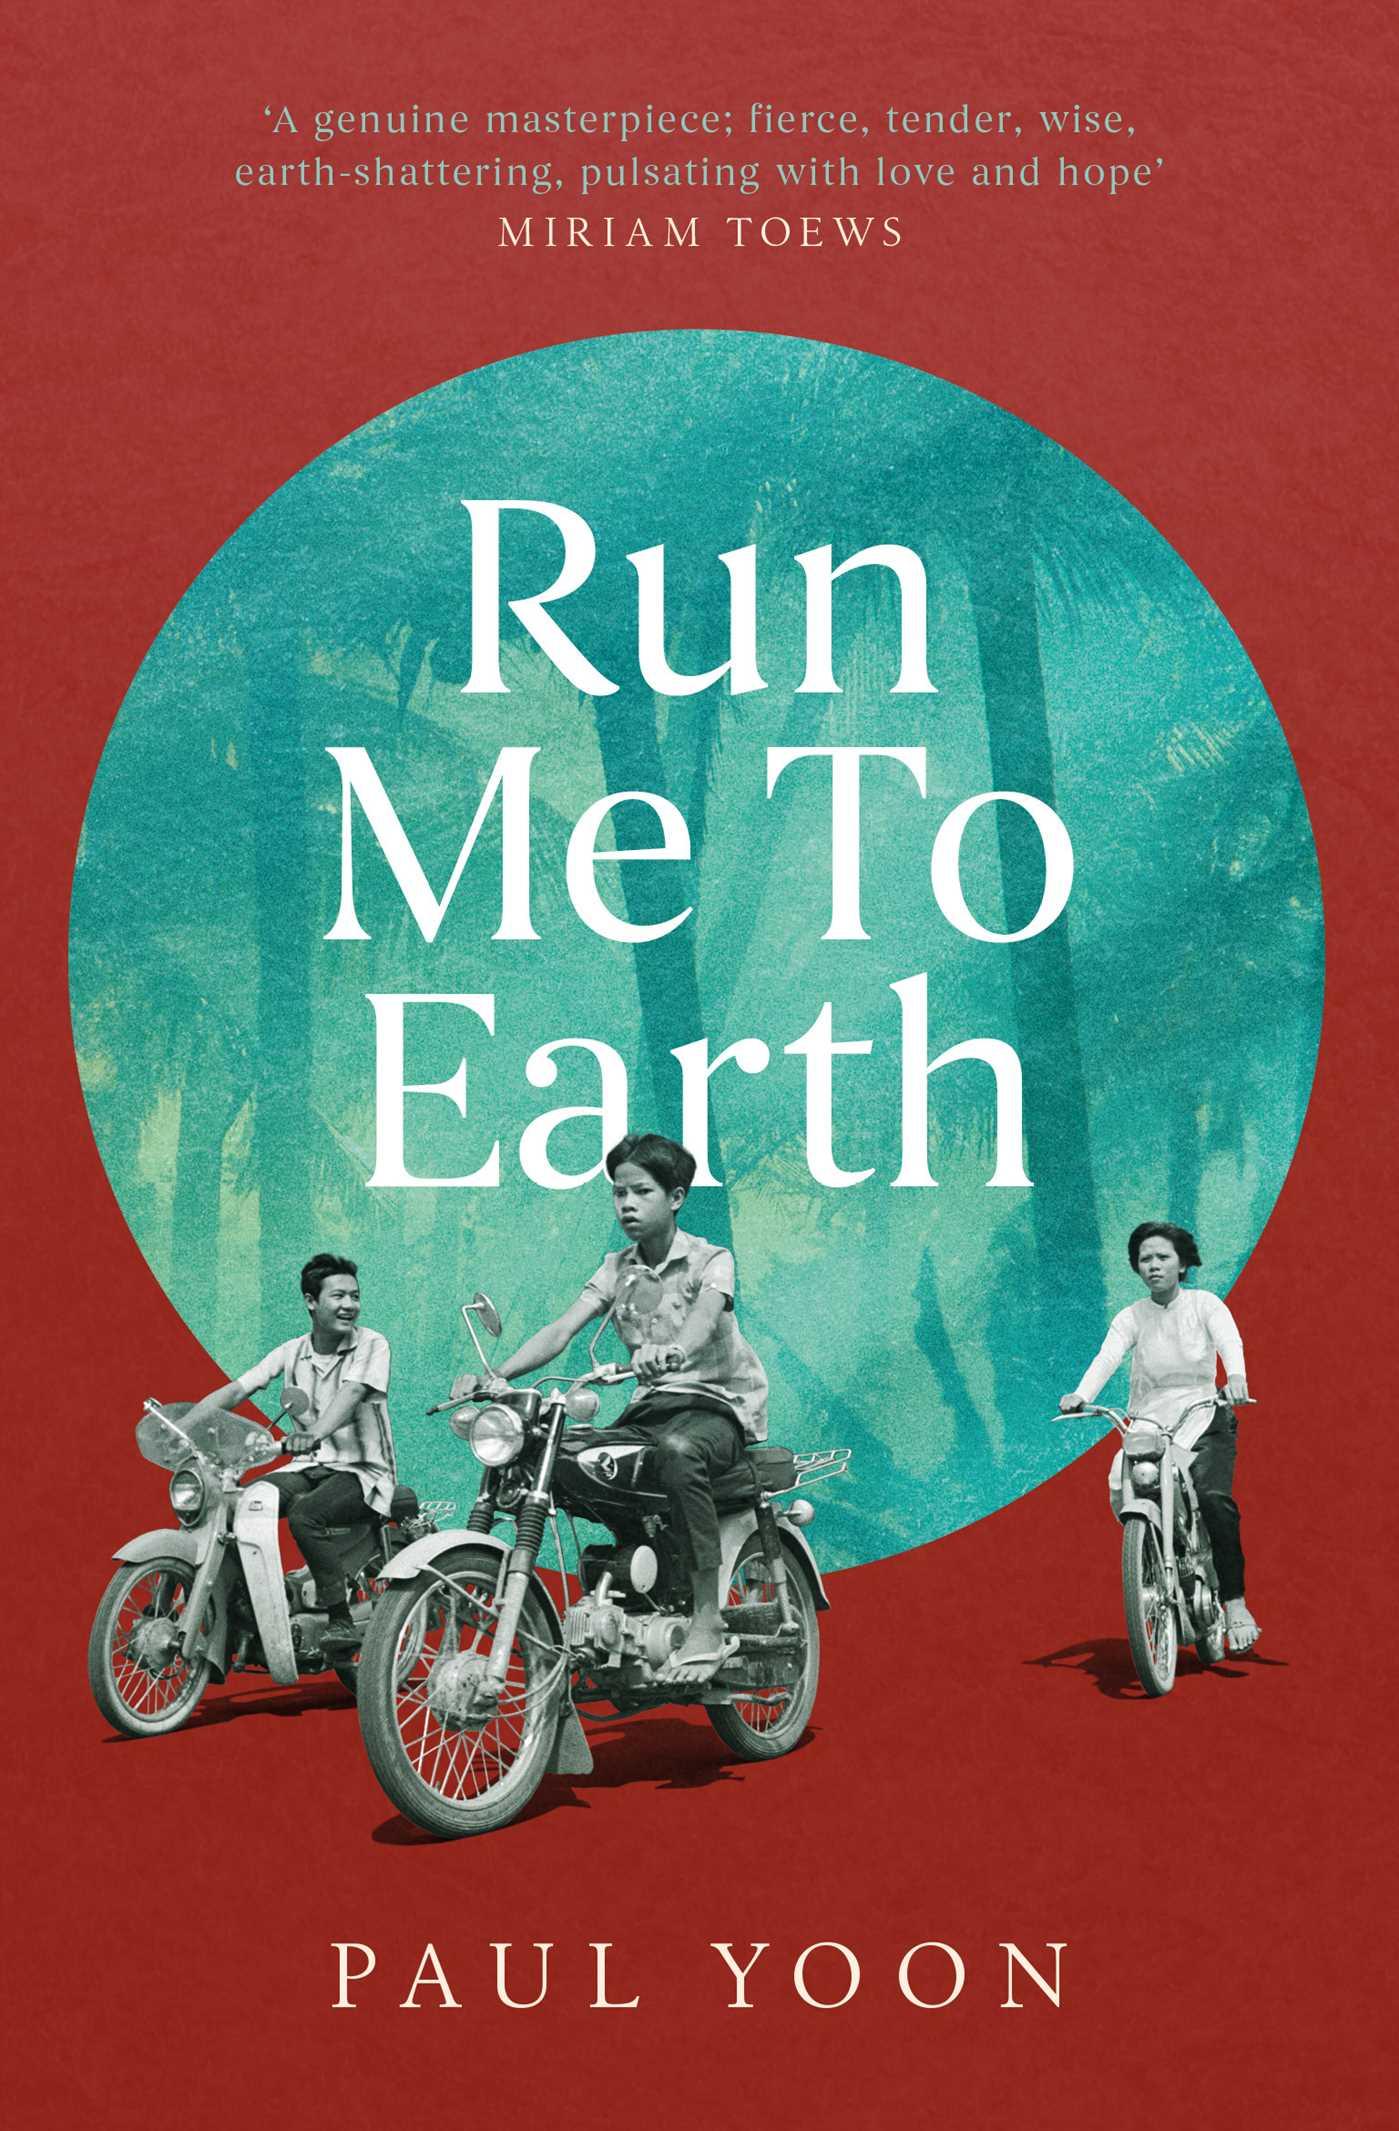 Run Me to Earth